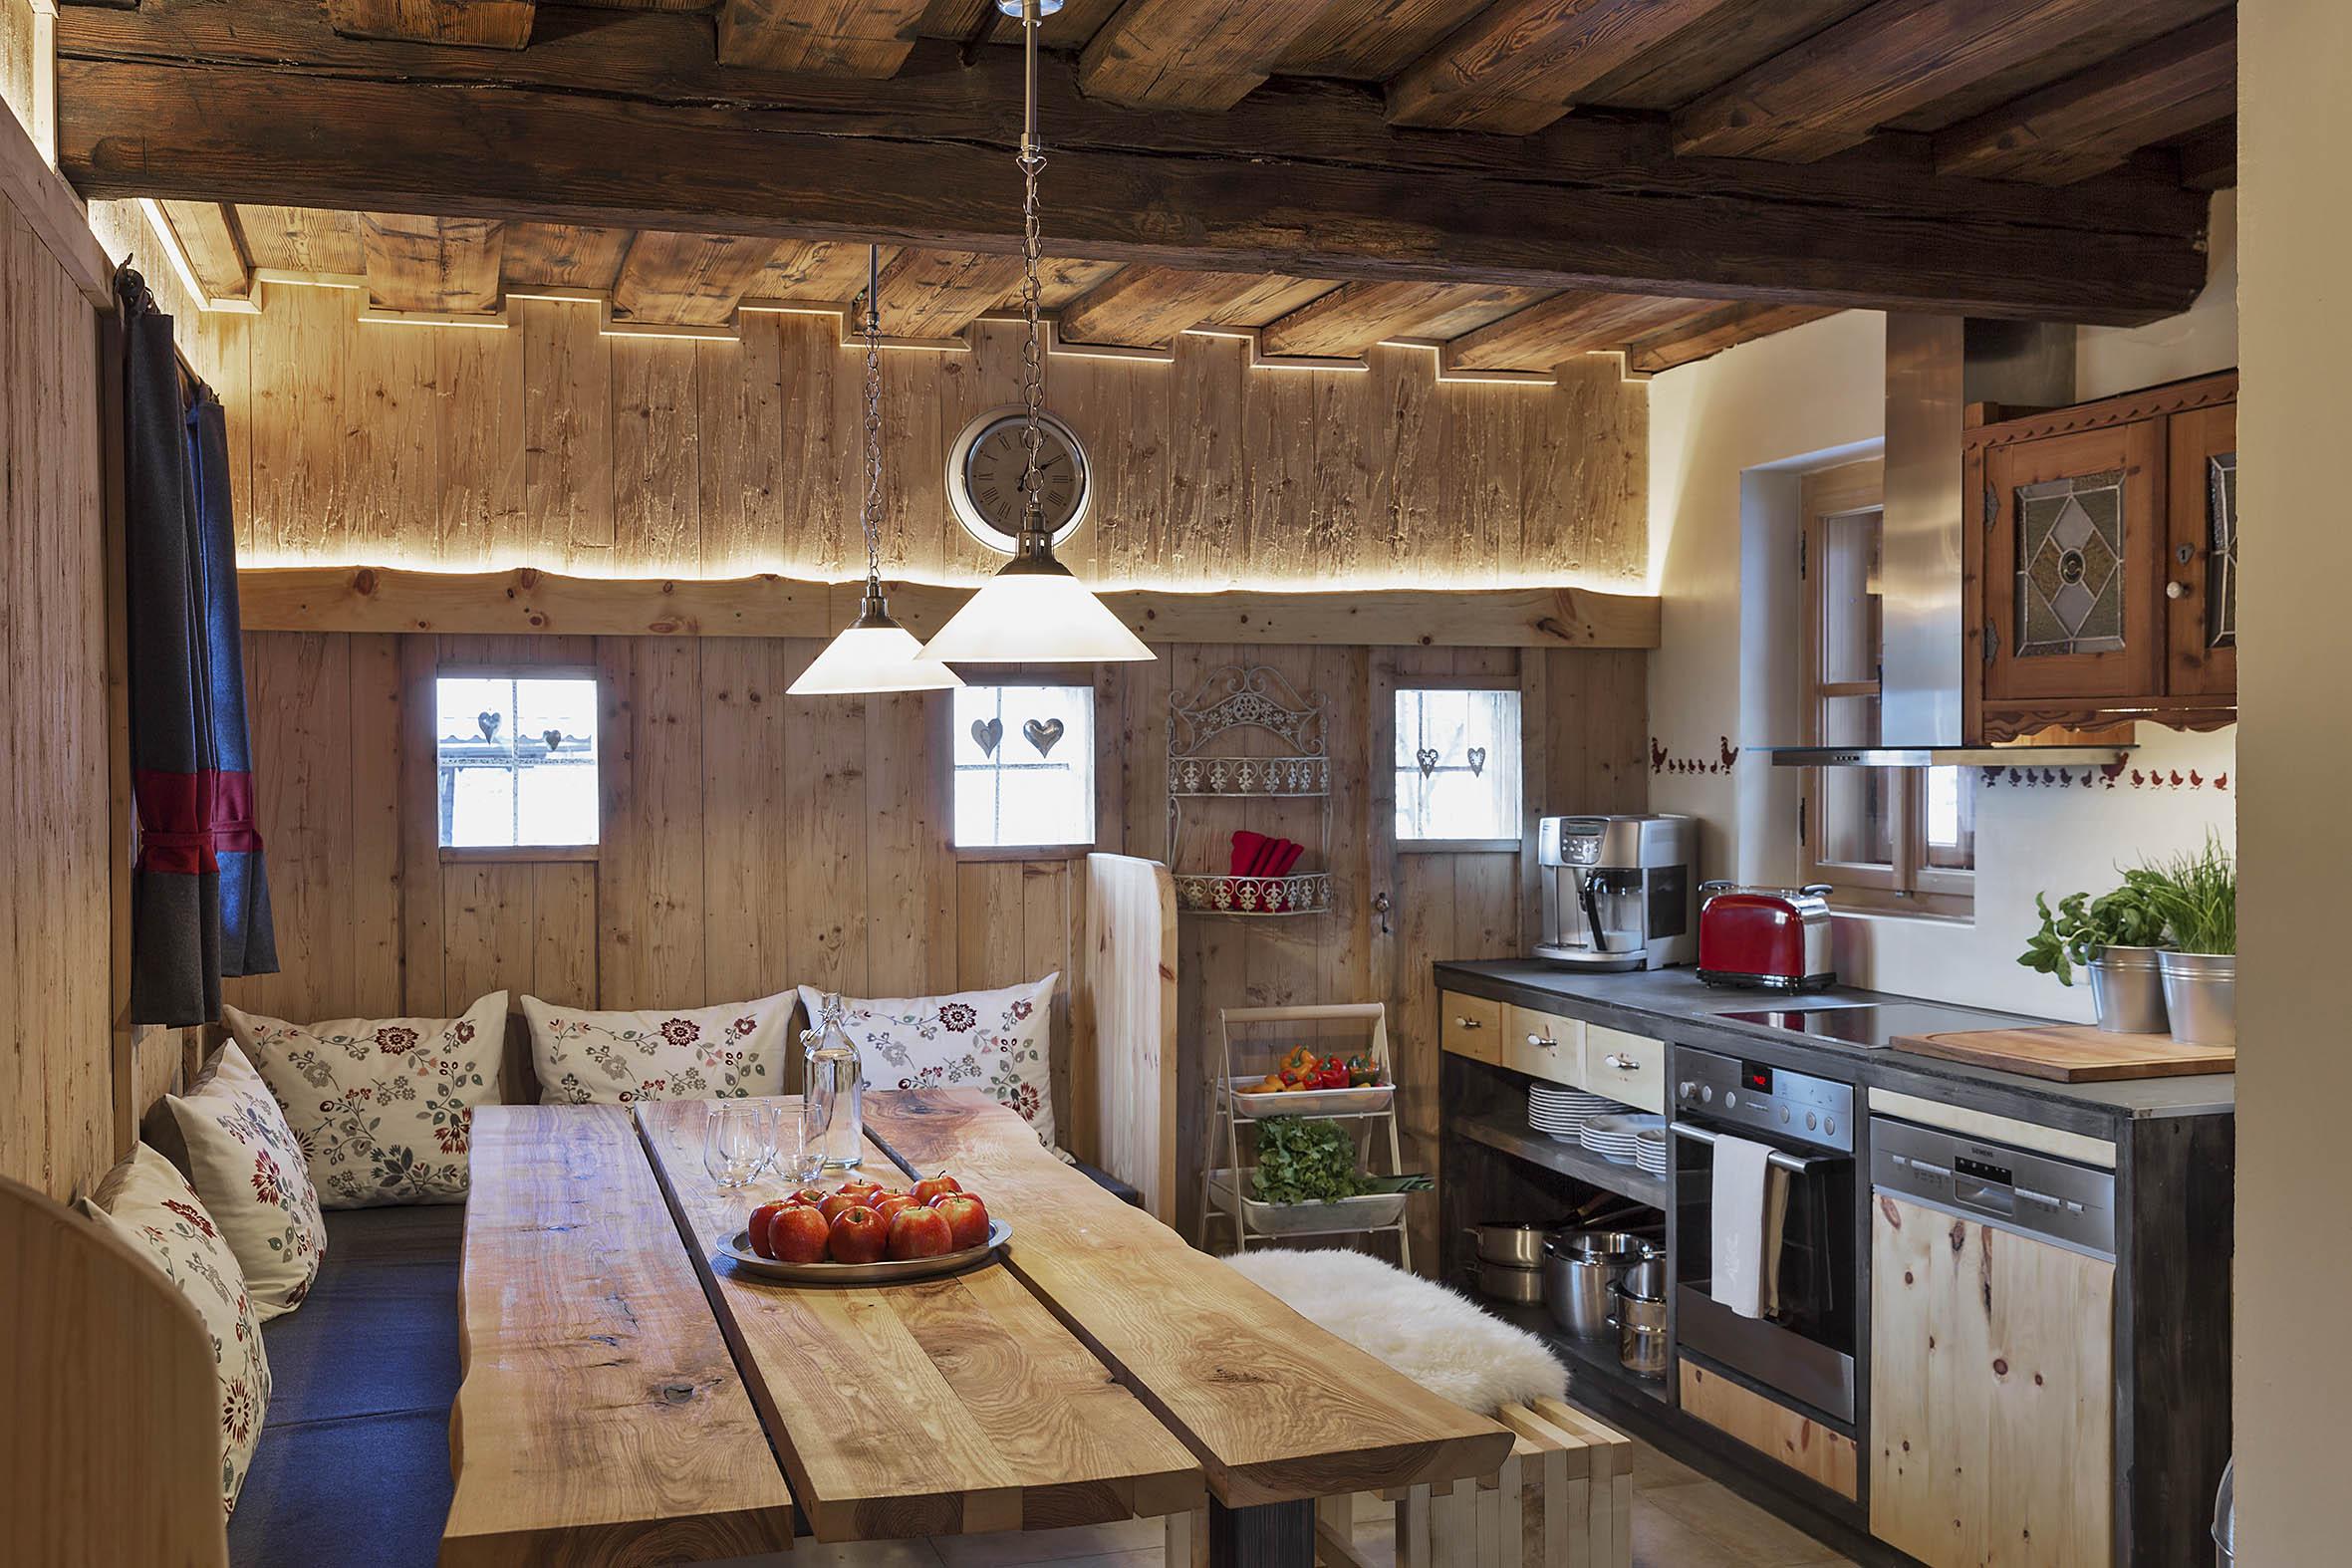 Gemütliche Küche | Gemutliche Kuche Mit Viel Platz Fur Die Ganze Familie Ferienhauser